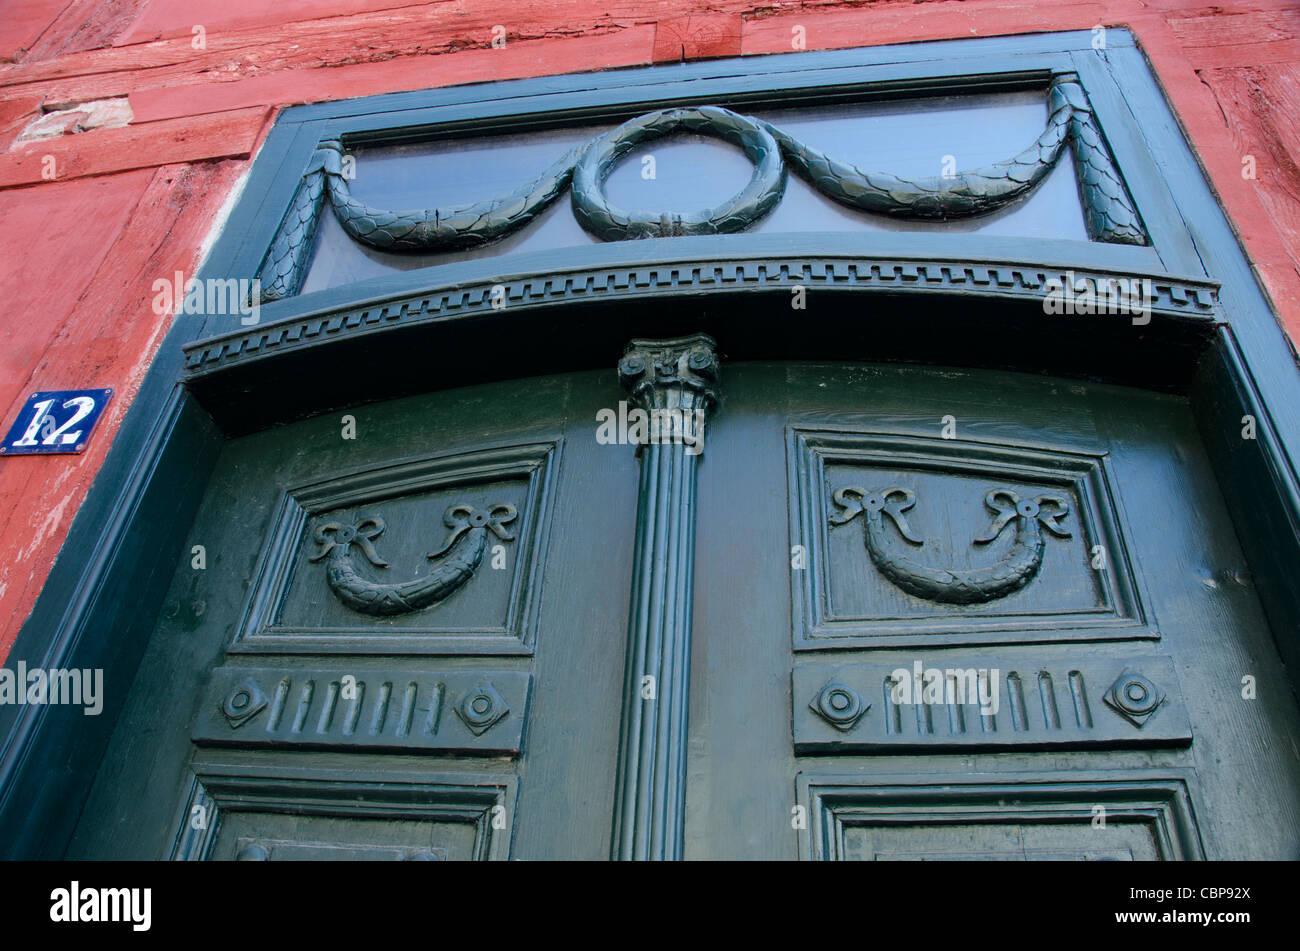 Denmark, Helsingoer. Historic downtown door detail. - Stock Image